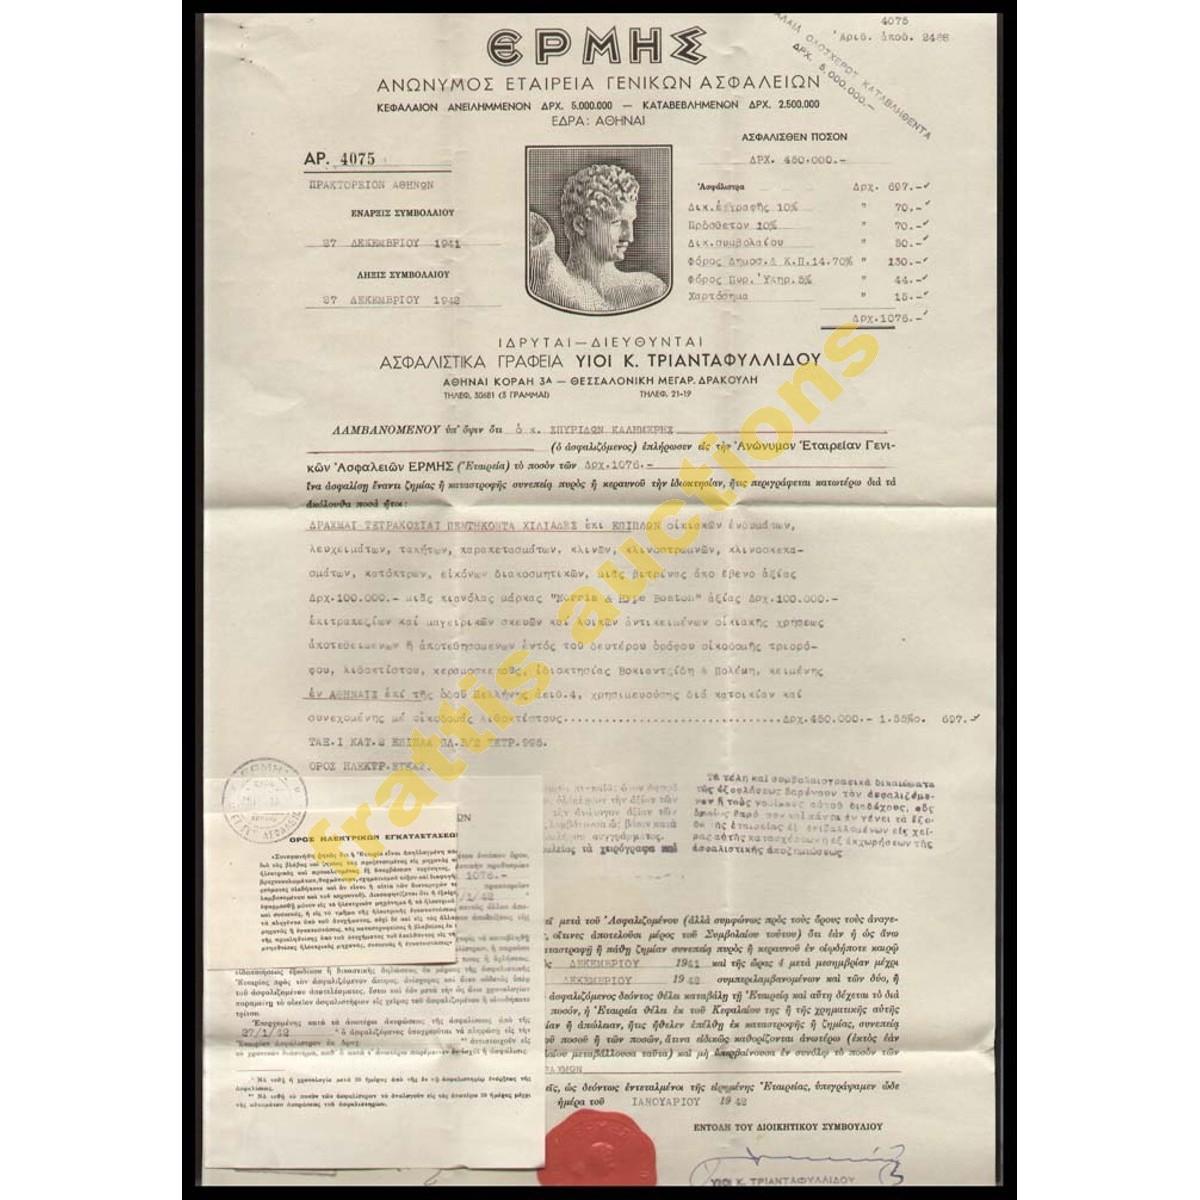 ΕΡΜΗΣ Ανώνυμος Εταιρεία Γενικών Ασφαλειών, 1941.